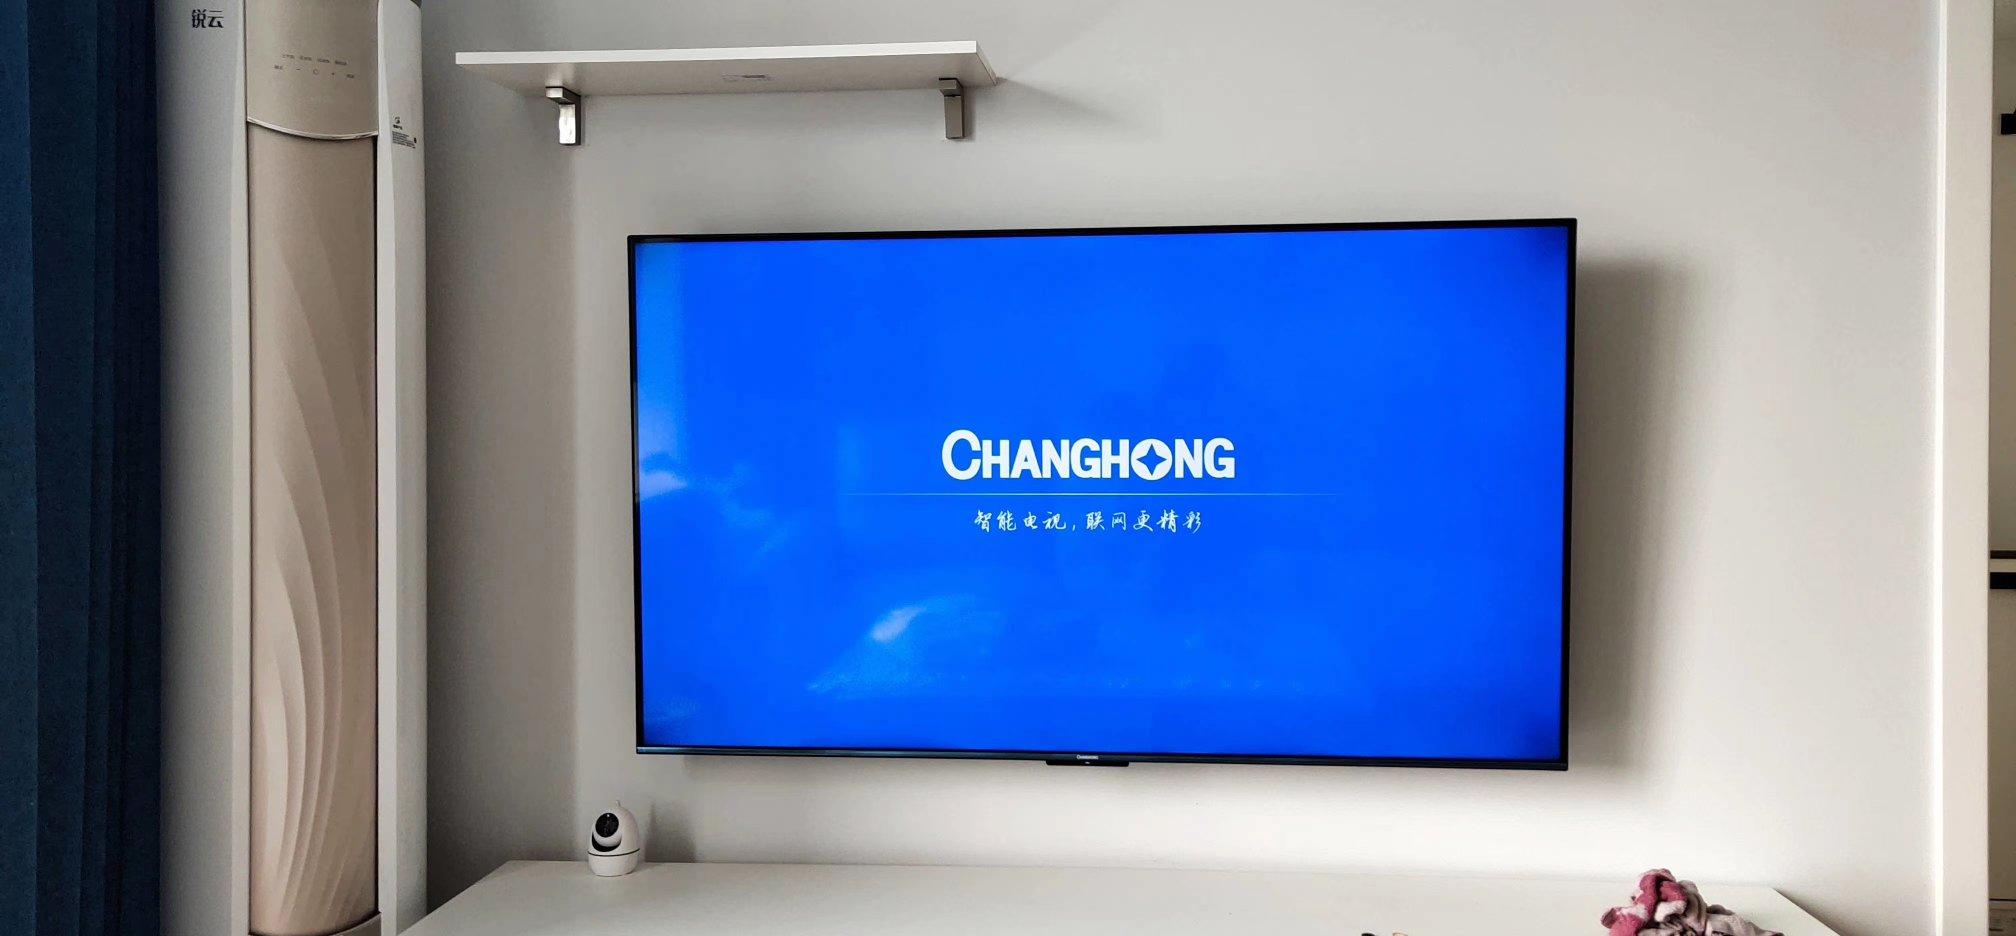 长虹65英寸声控物联电视,让长辈也轻松步入智能时代